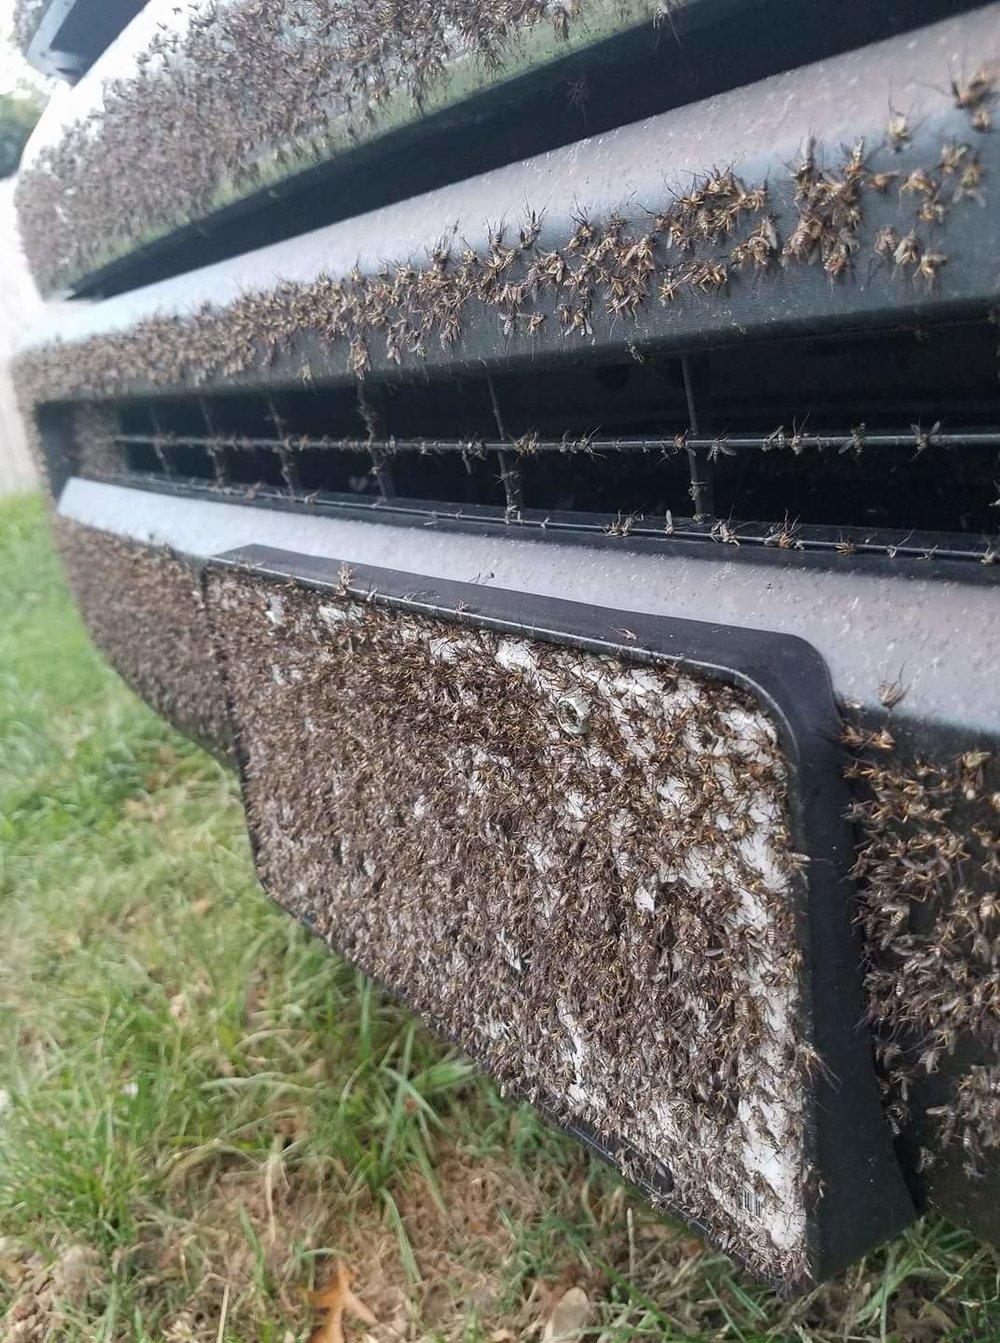 Des hordes de moustiques descendent maintenant dans de nombreuses region. - Ce que nous voyons dans ces images est la preuve que les moustiques d'eau de crue avaient déjà amorcé la ponte lorsque Harvey a frappé la côte supérieure du Golfe il y a deux semaines. Lorsque les pluies sont venues, des œufs précédemment pondu ont éclos à travers des milliers de miles carrés de prairies côtières et de marais, et des milliards de larves de Psorophora ont traversé une cycle rapide.Ajoutez à cela la portée de la catastrophe. Les précipitations sans précédent de Harvey ont touché plus de 400 milles du littoral du golfe, déversant environ 27 milliards de gallons d'eau. La ville de Houston a doublé le record de précipitations mensuel de 39,11 pouces (et Houston reçoit beaucoup de pluie). Je soupçonne que le nombre de moustiques qui volent autour de l'état en ce moment est également sans précédent.Alors ne soyez pas surpris de lire et d'entendre beaucoup d'histoires de moustiques au cours des prochaines semaines. Si vous devez vous déplacez dans cette partie du Texas, il existe un moyen de vous protégez. Pour les conditions extrêmes, un filet anti-moustiques sera nécessaire. Portez des tissus à manches longues colorées et serrées . Des t-shirts ou des chemises à manches courtes ne suffiront pas.Et n'oubliez pas d'apporter du répulsif DEET. Beaucoup !